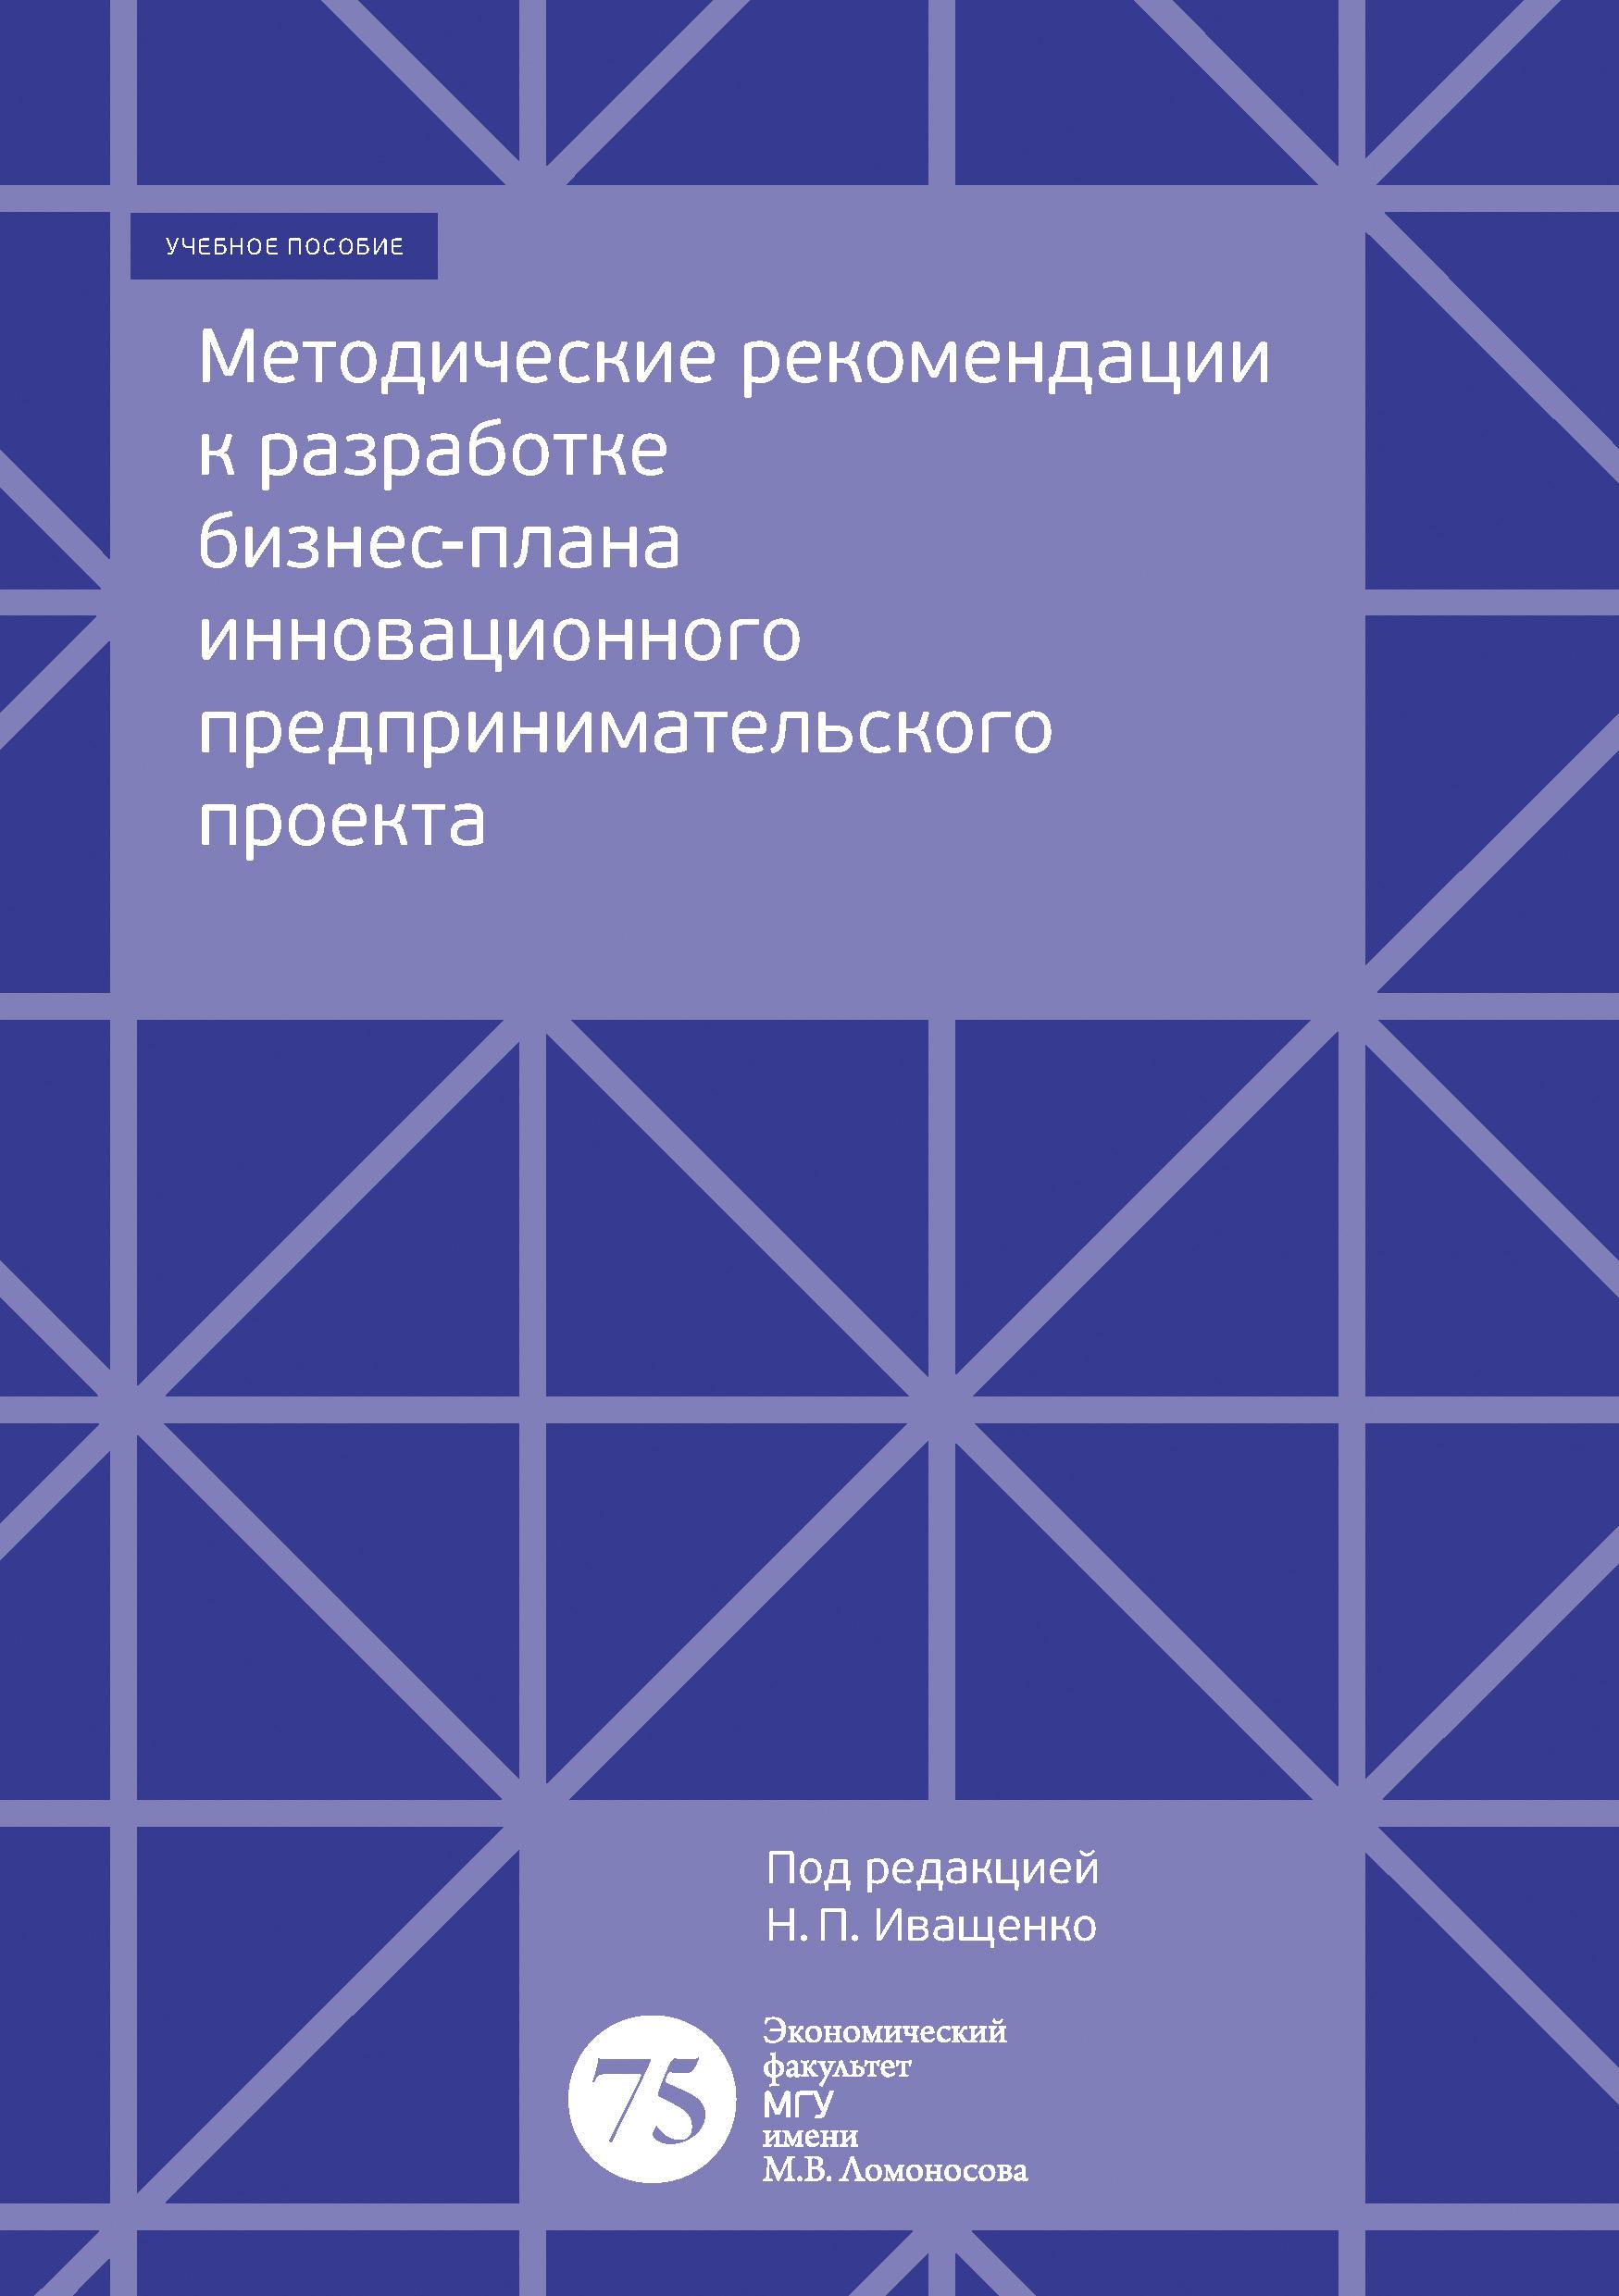 Коллектив авторов Методические рекомендации к разработке бизнес-плана инновационного предпринимательского проекта